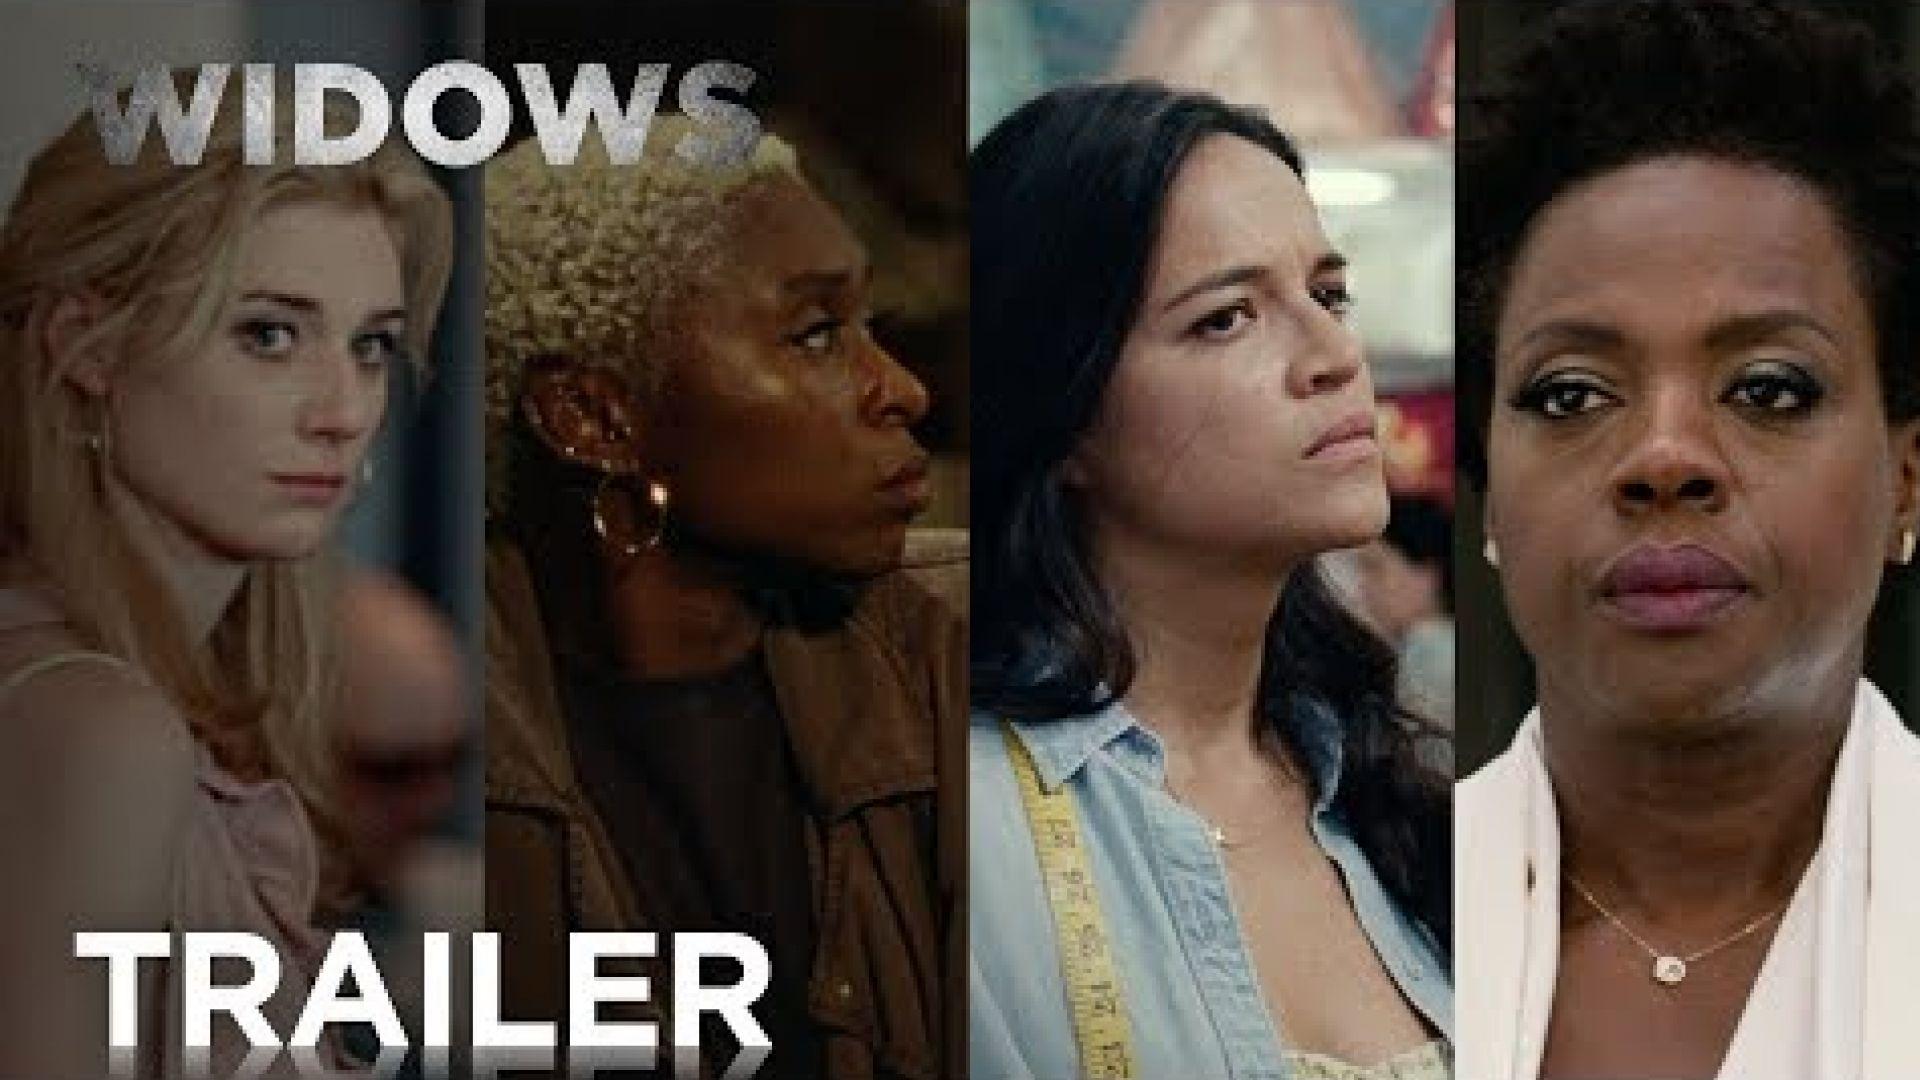 'Widows' Trailer